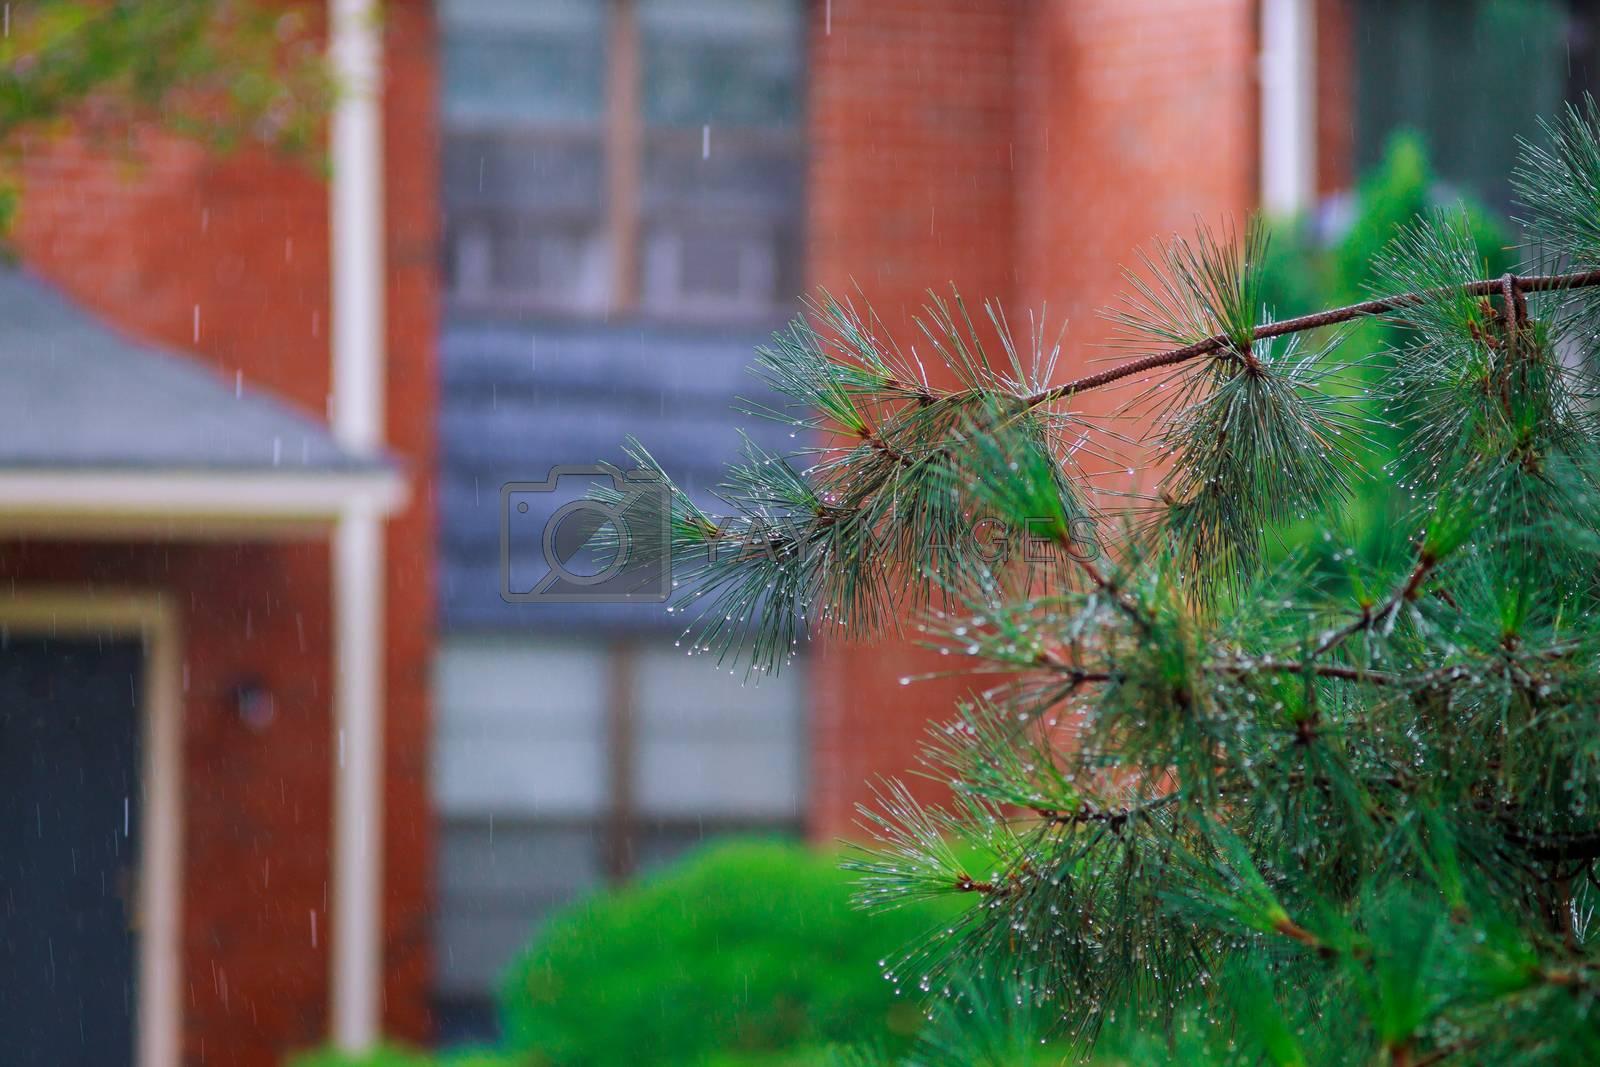 Rainy day tree heavy wind hurricane during the rainy season